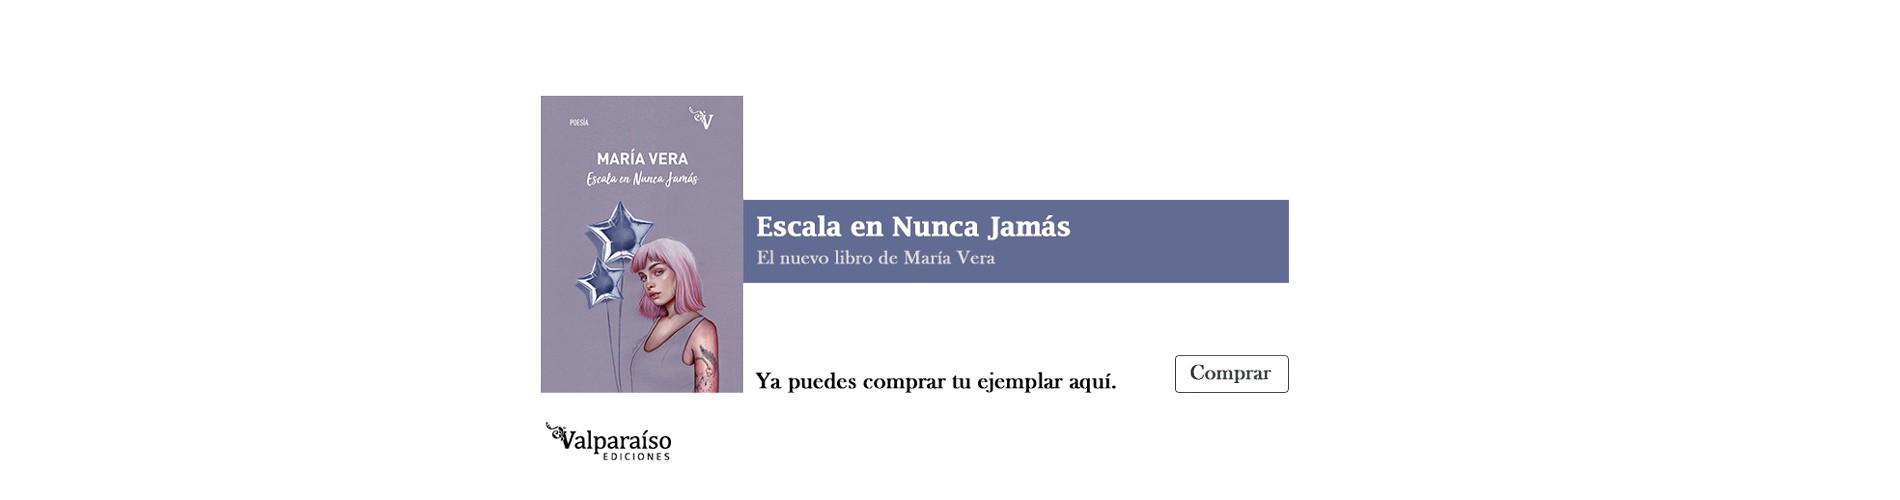 Escala en Nunca Jamás, el nuevo libro de María Vera, ya puedes comprar tu ejemplar aquí.